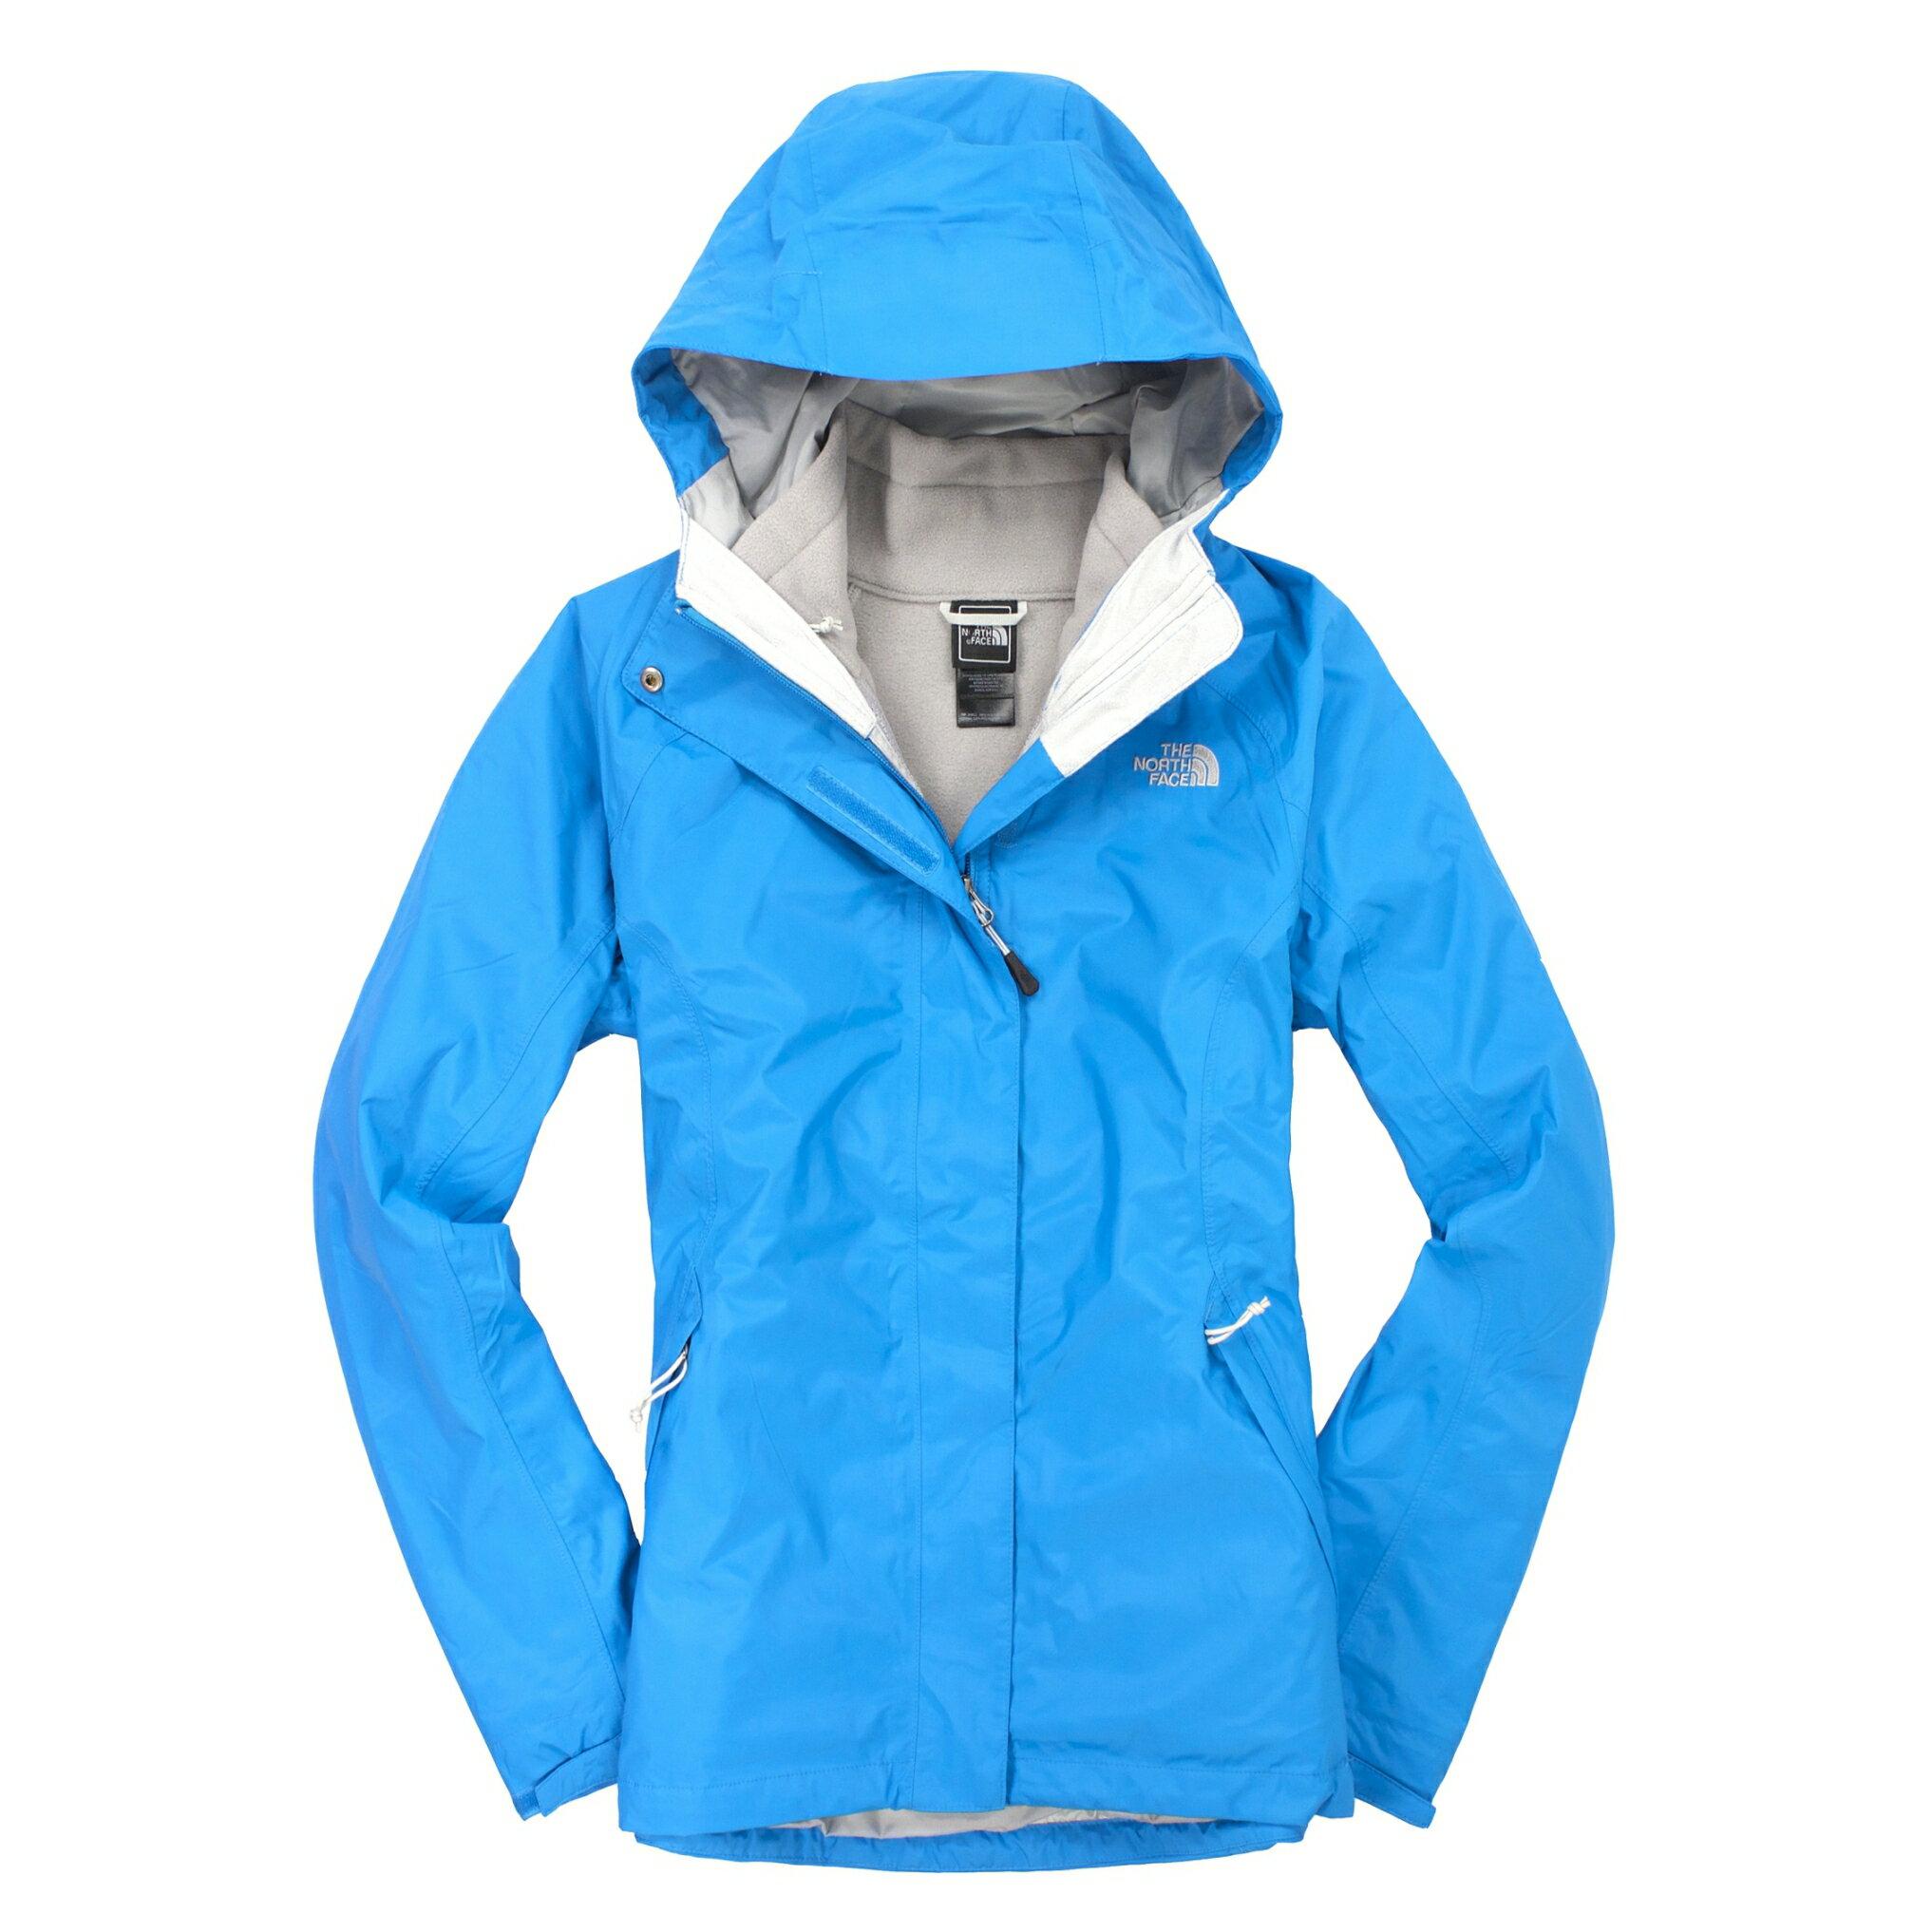 美國百分百【全新真品】The North Face 外套 TNF 夾克 連帽 北臉 天藍 兩件式 Hyvent 刷毛 女 S A829